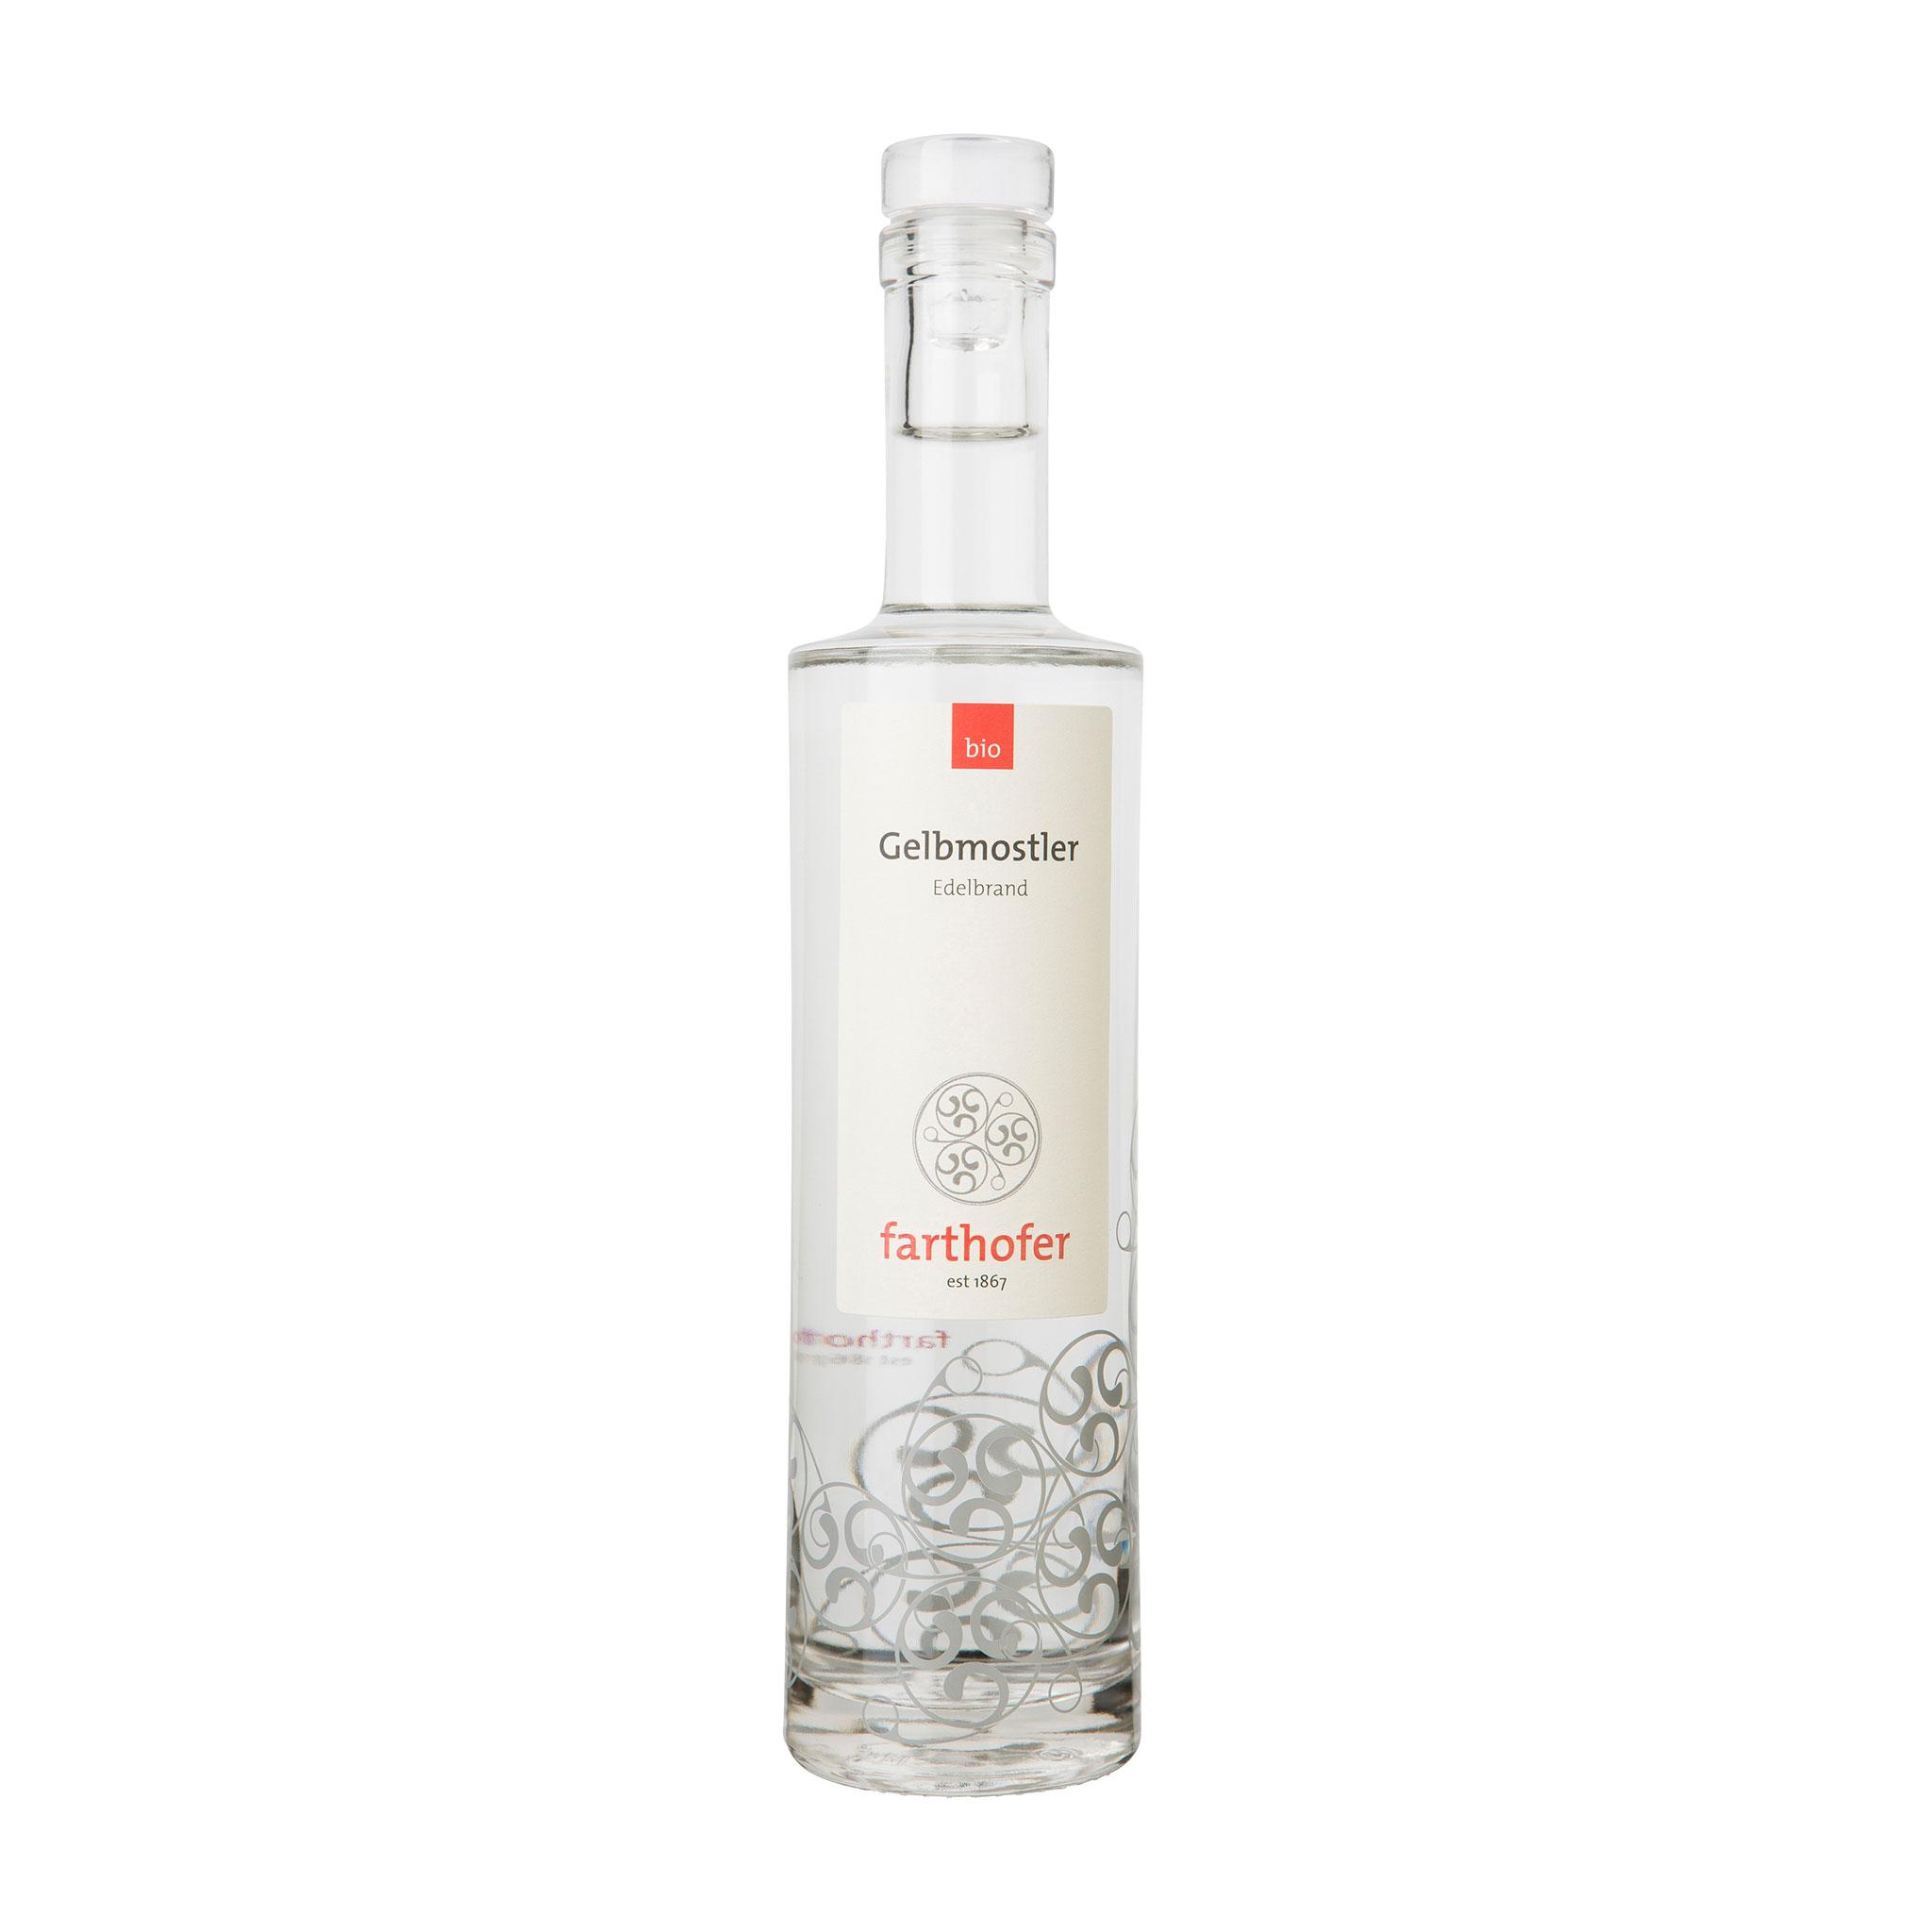 Gelbmostler (700 ml) - Destillerie Farthofer